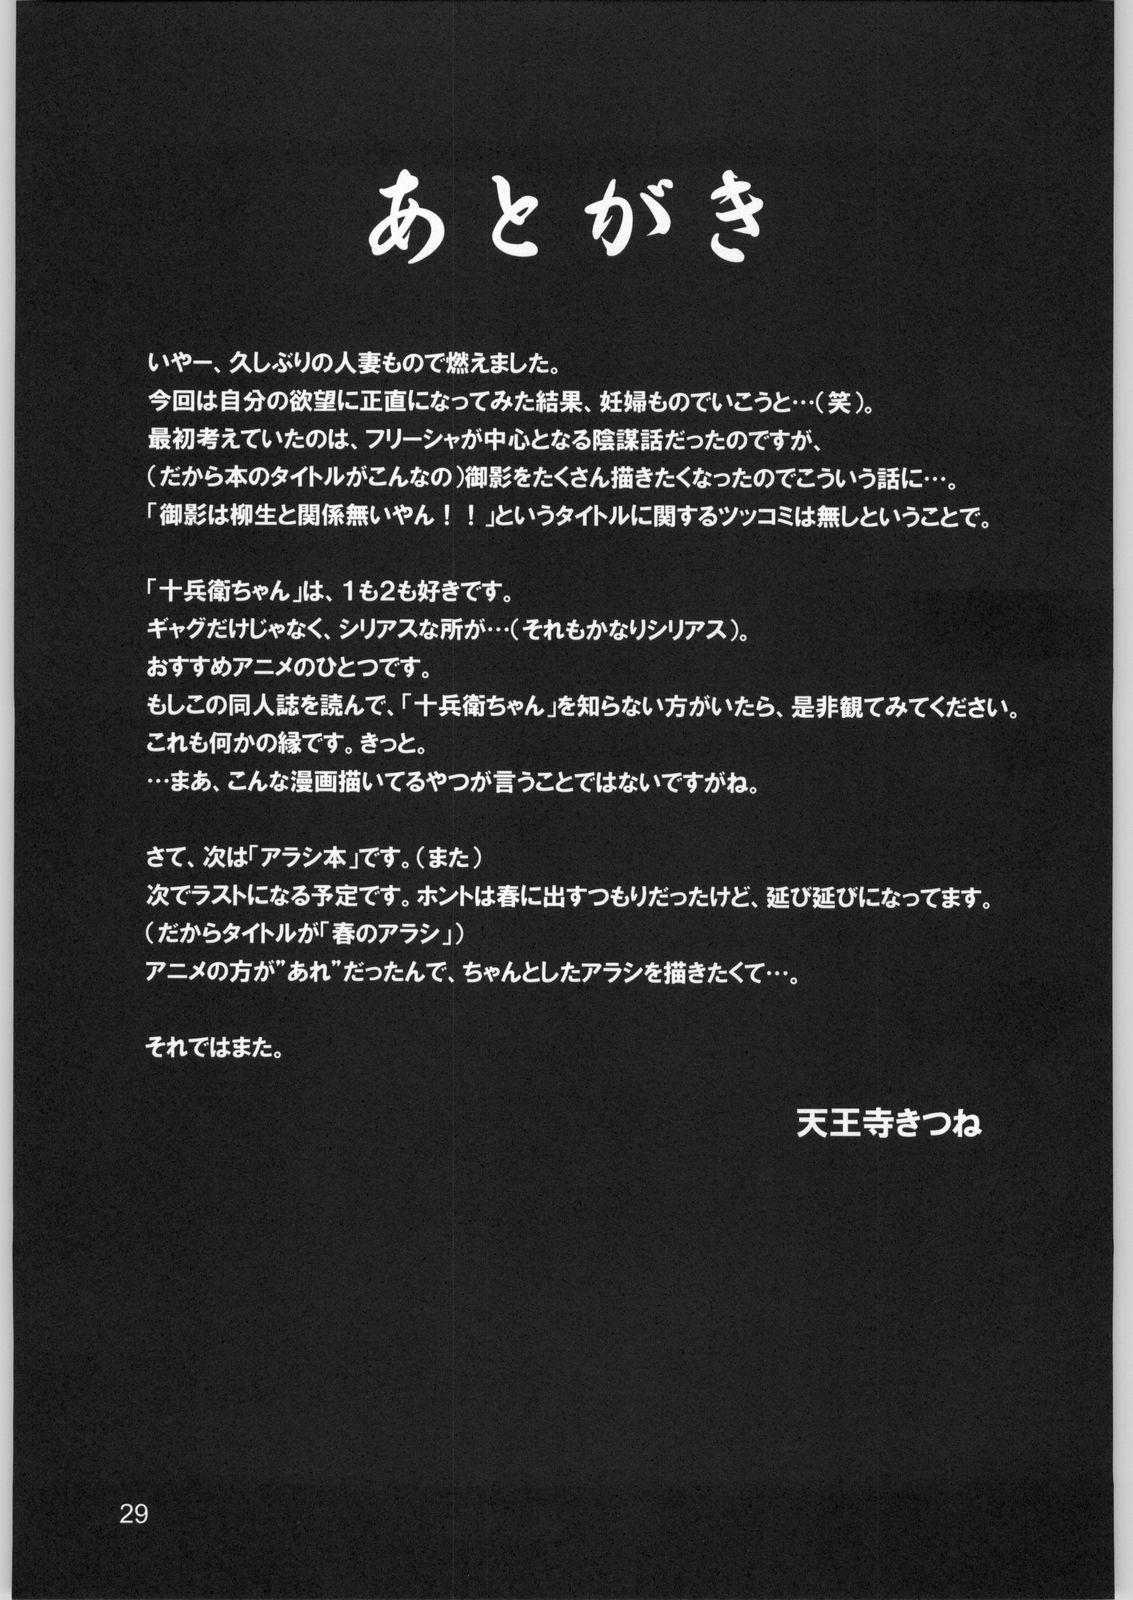 Yagyuu Ichizoku no Inkou 27